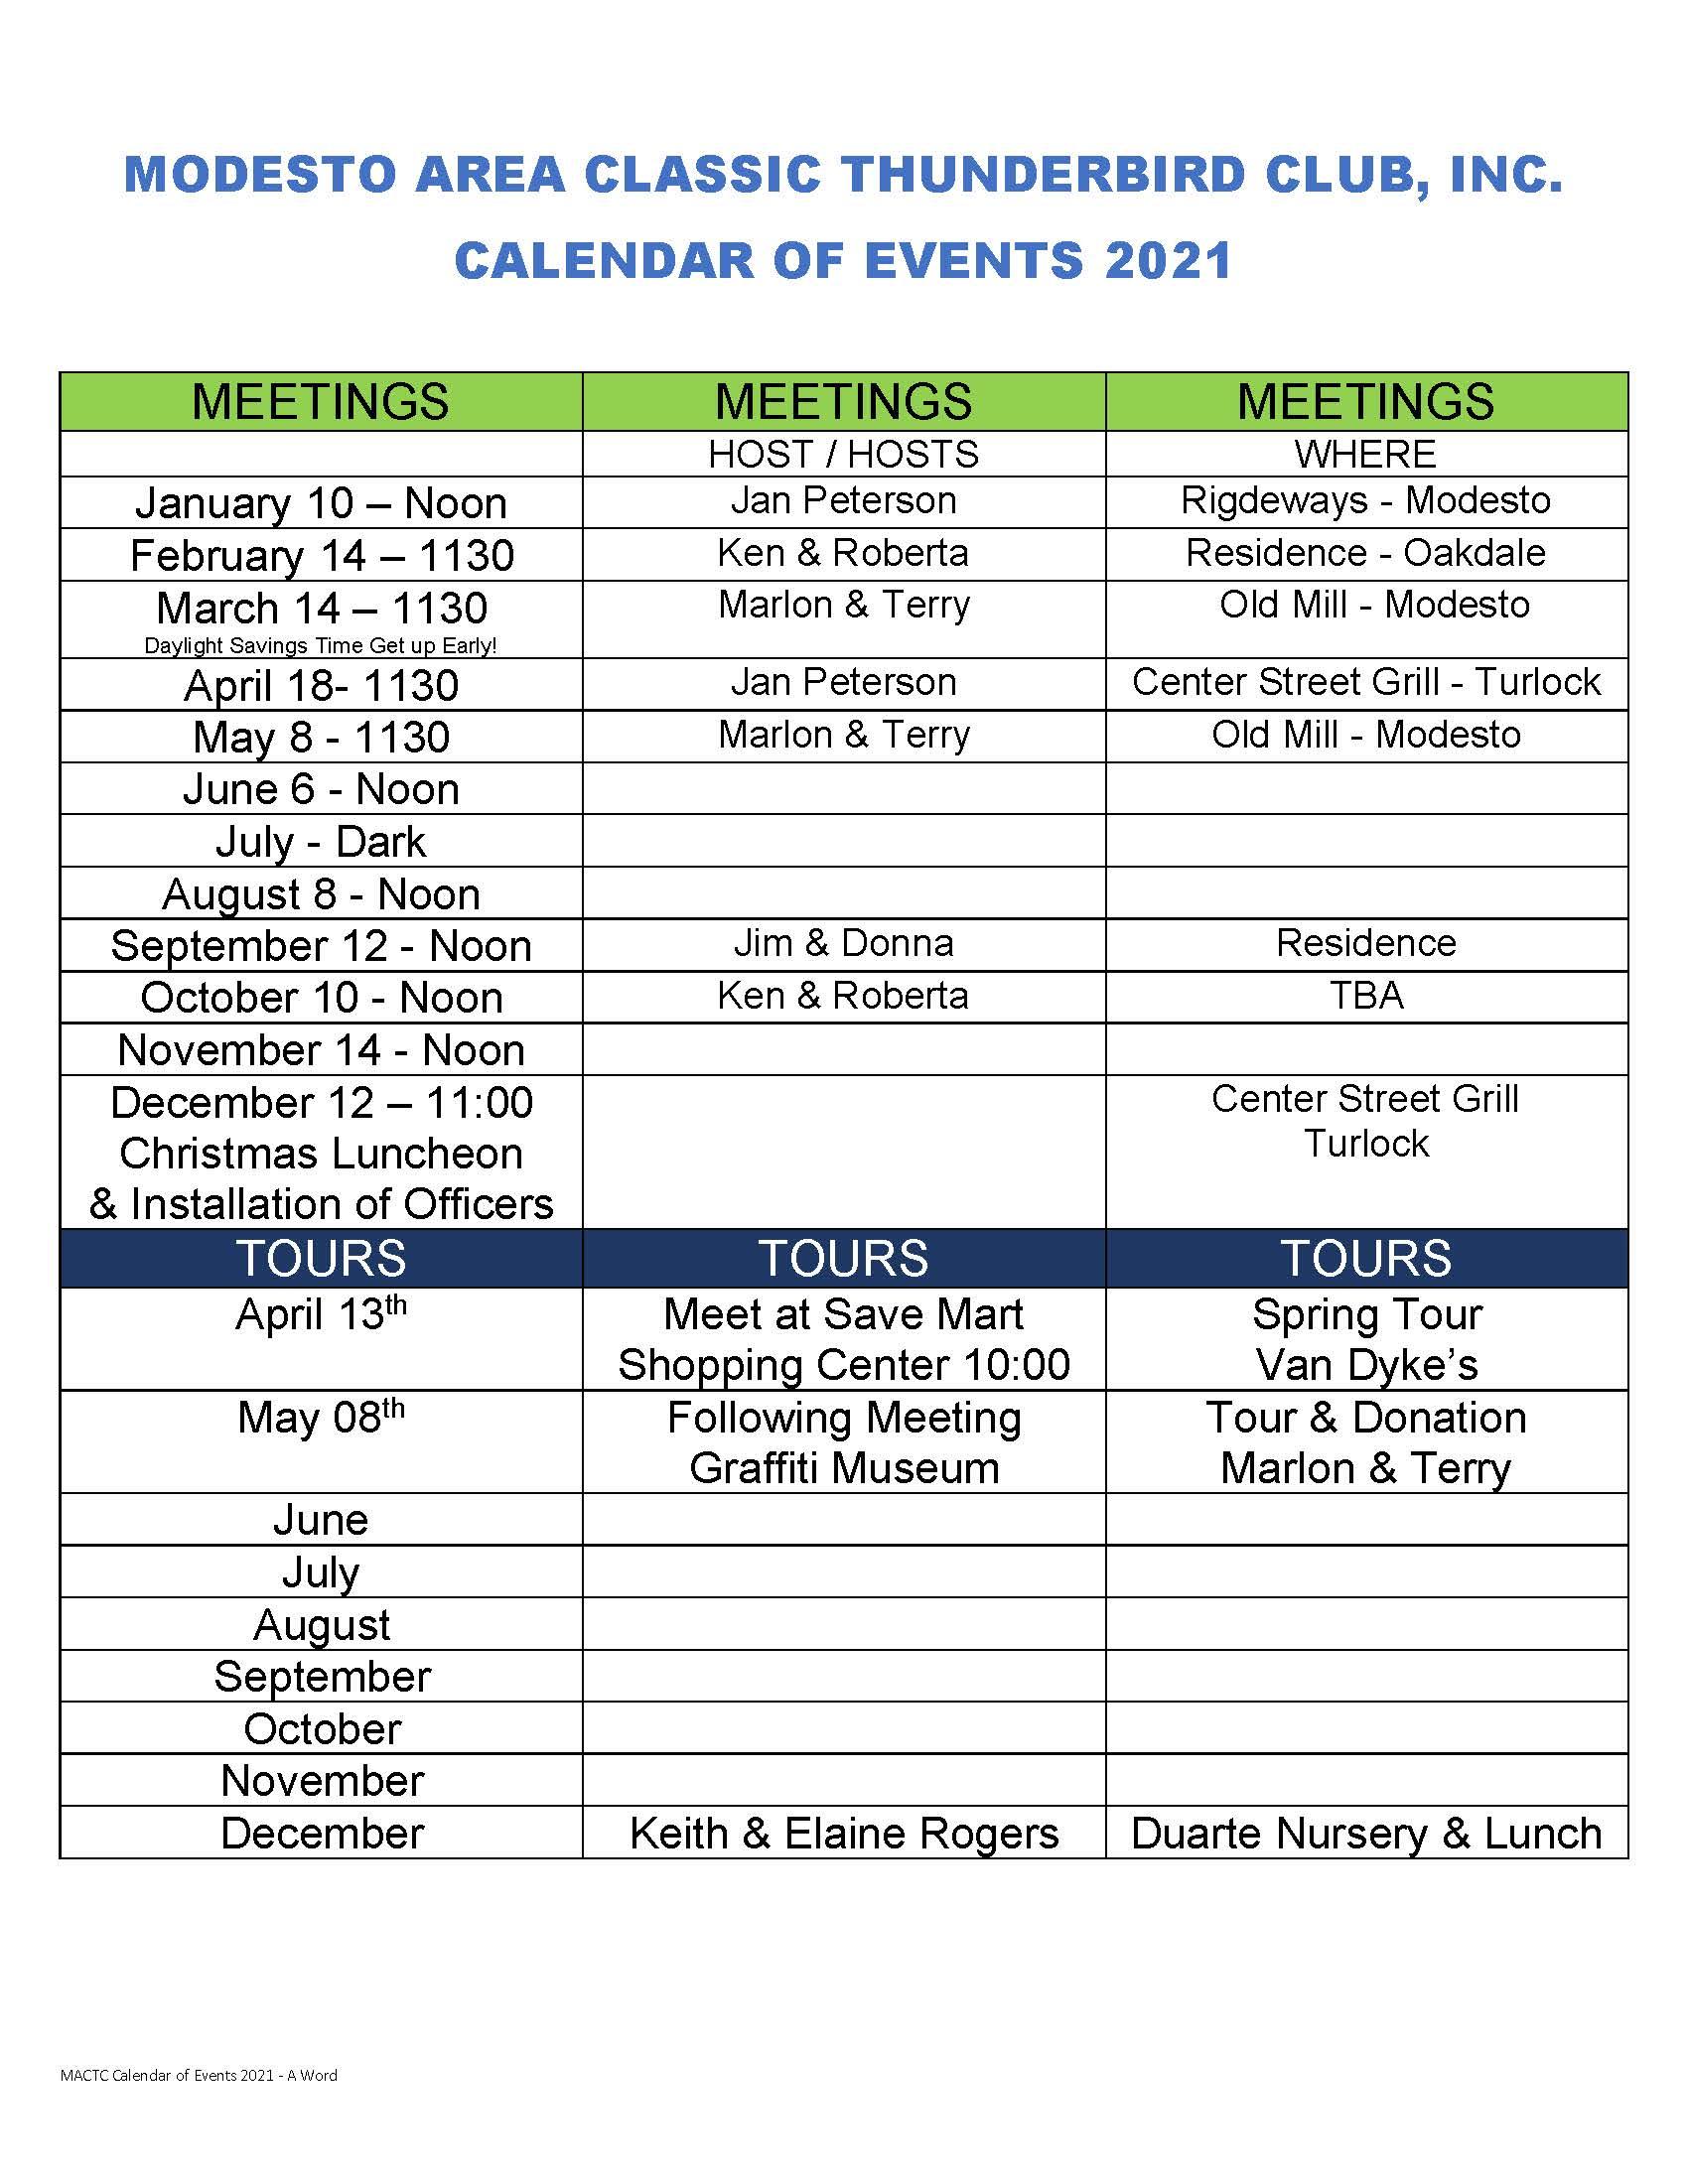 MACTC Calendar of events 2021